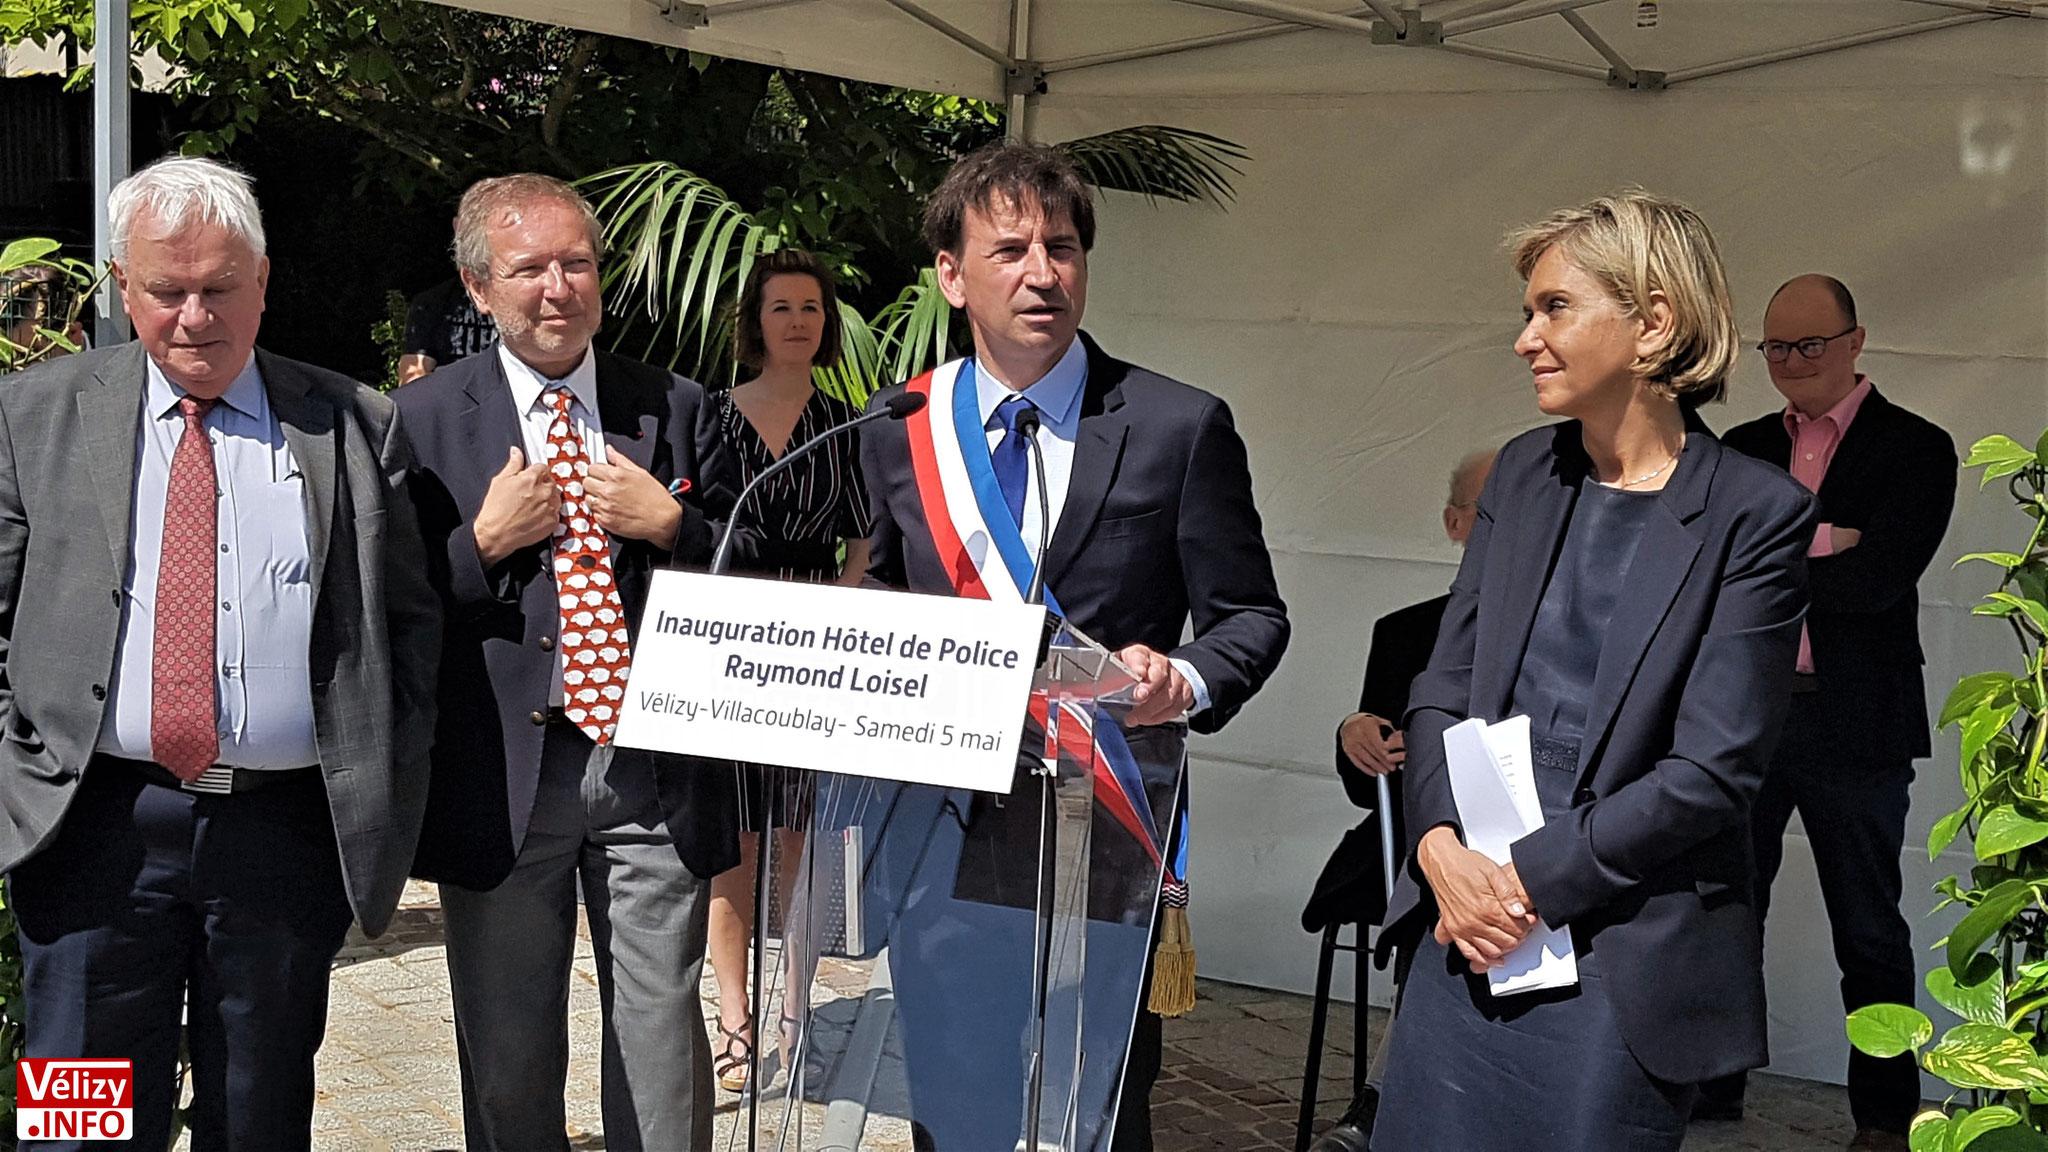 Pascal Thévenot, remercie Valérie Pécresse de sa présence.